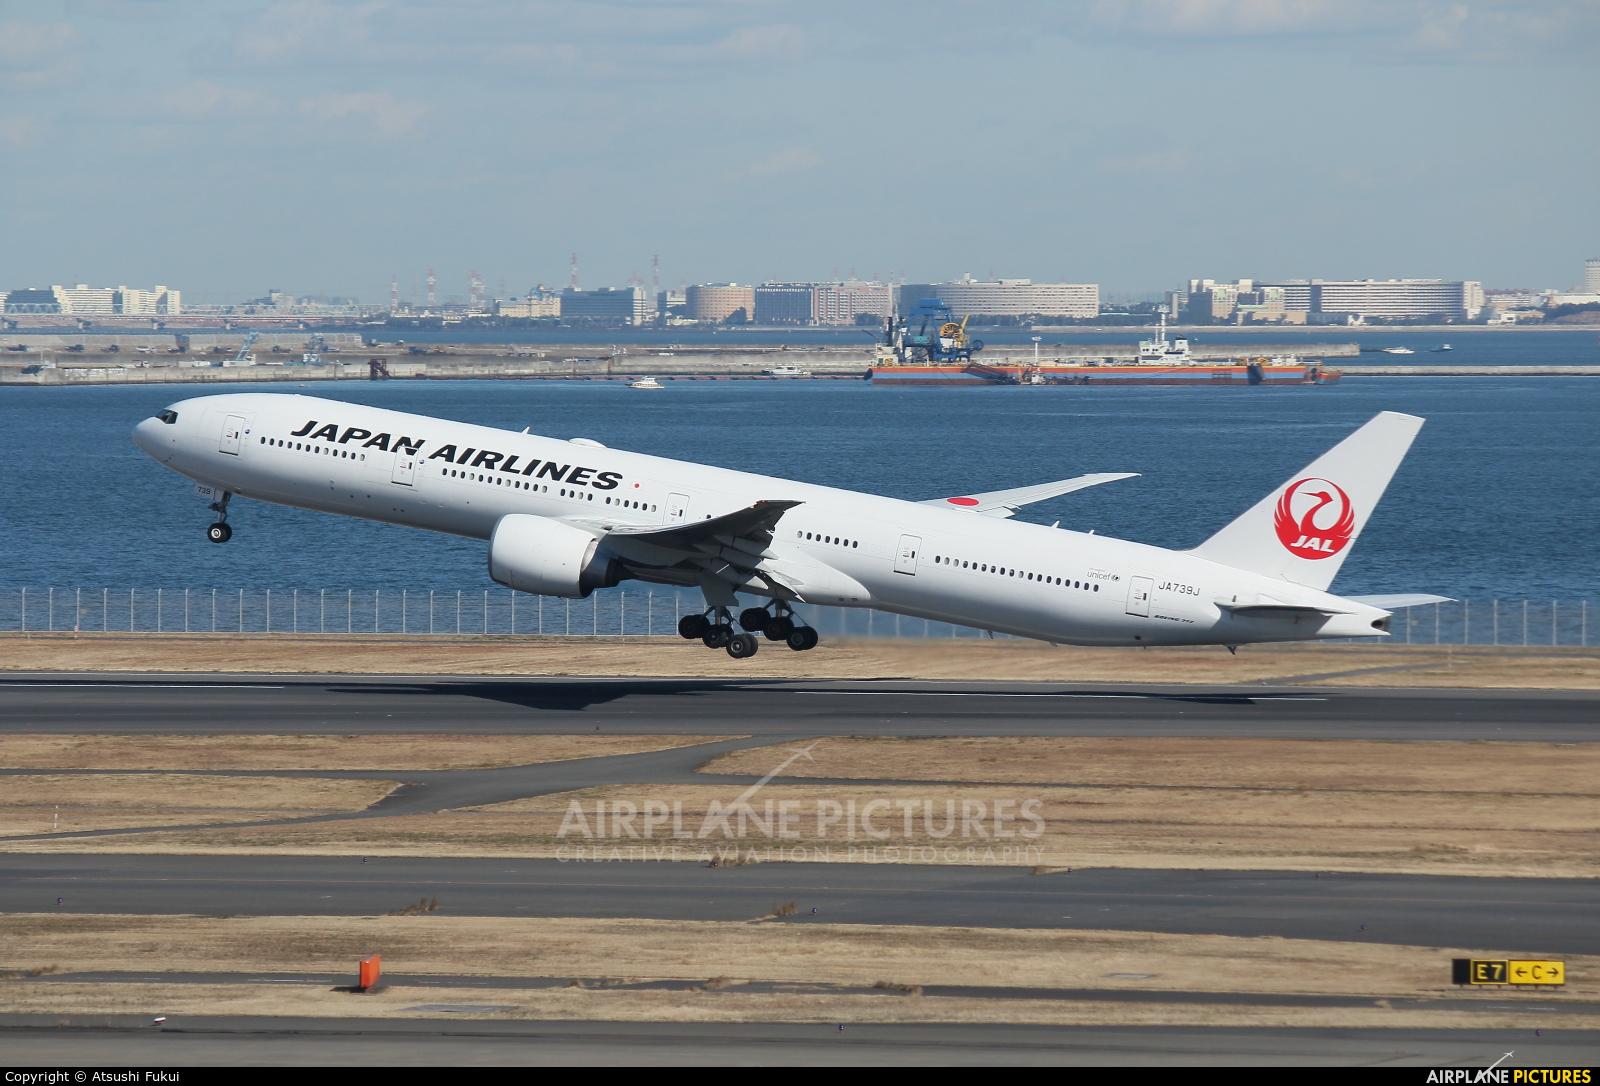 JAL - Japan Airlines JA739J aircraft at Tokyo - Haneda Intl